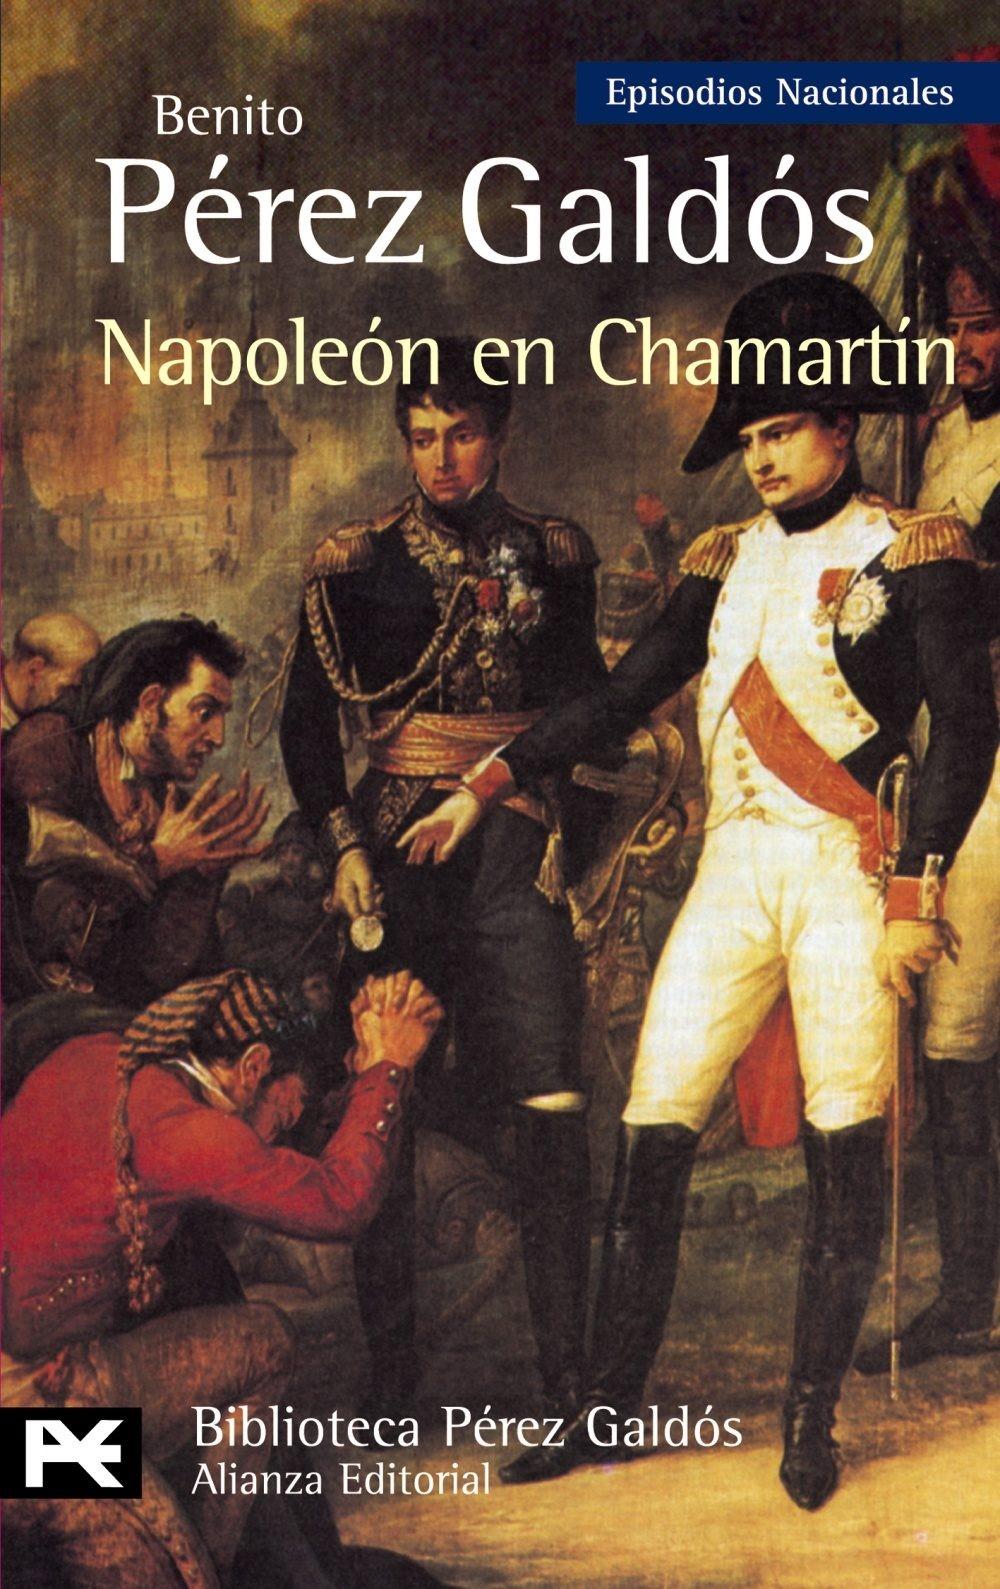 El Cultural – Napoleón en Chamartín